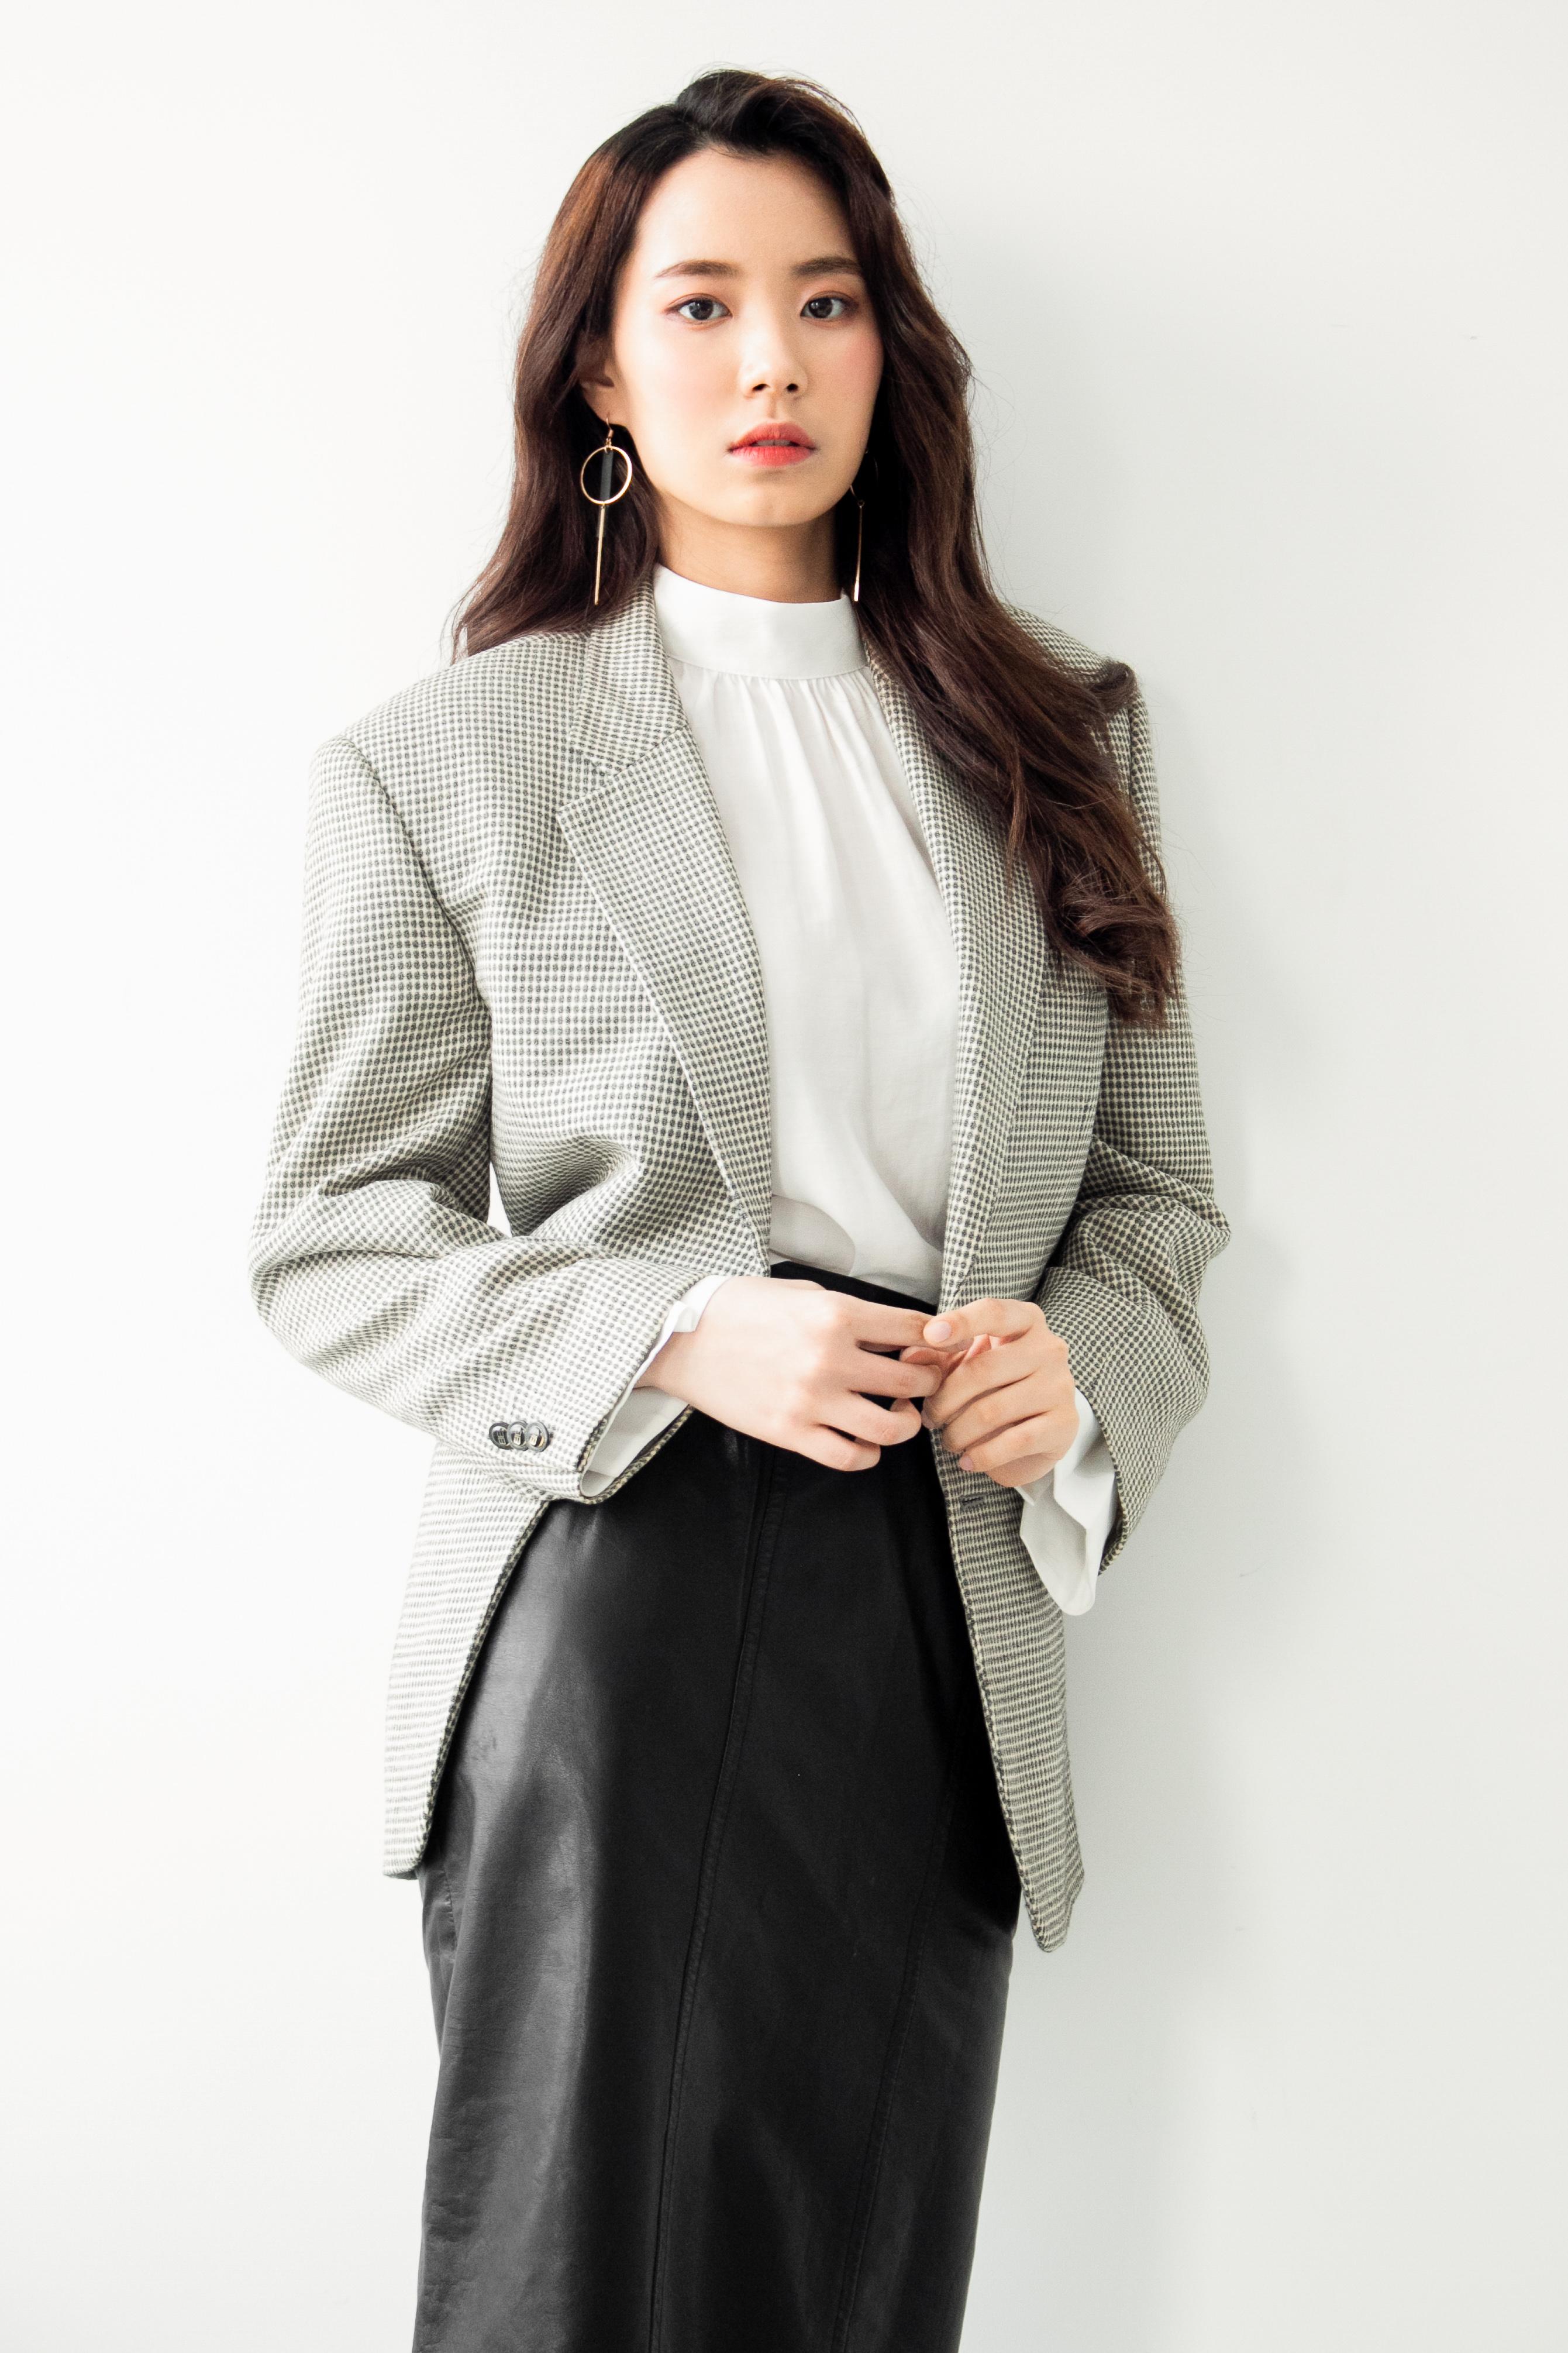 모델 최연수에게 이런 모습이? 여성스러운 성숙미 물씬!